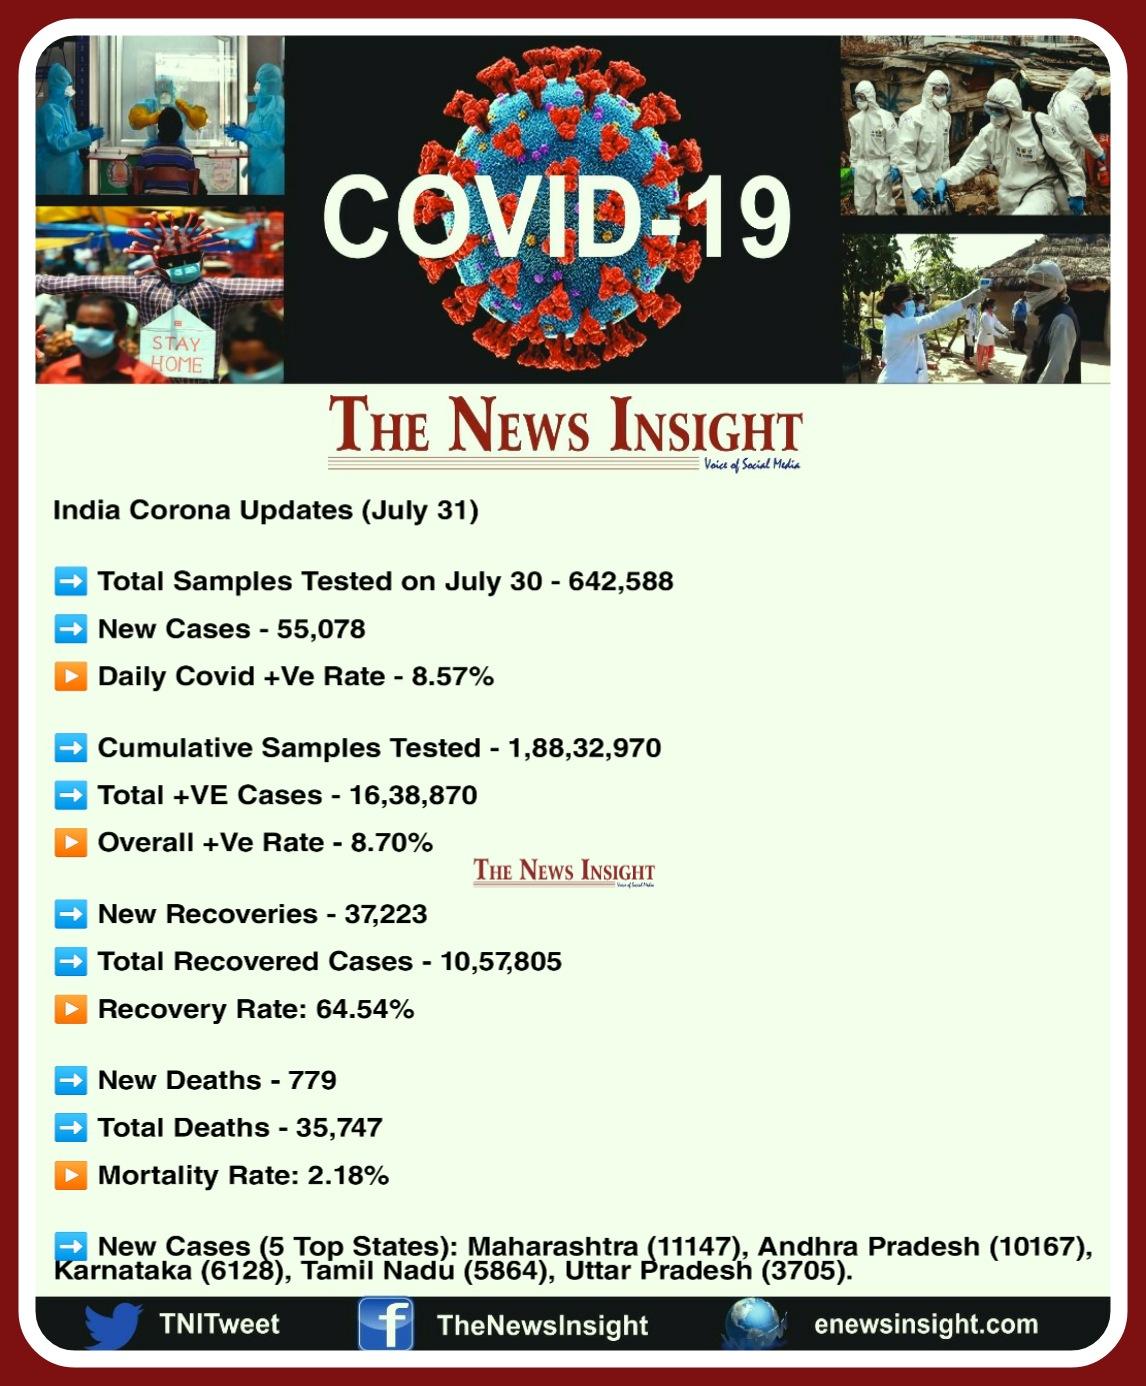 COVID-19 India Updates